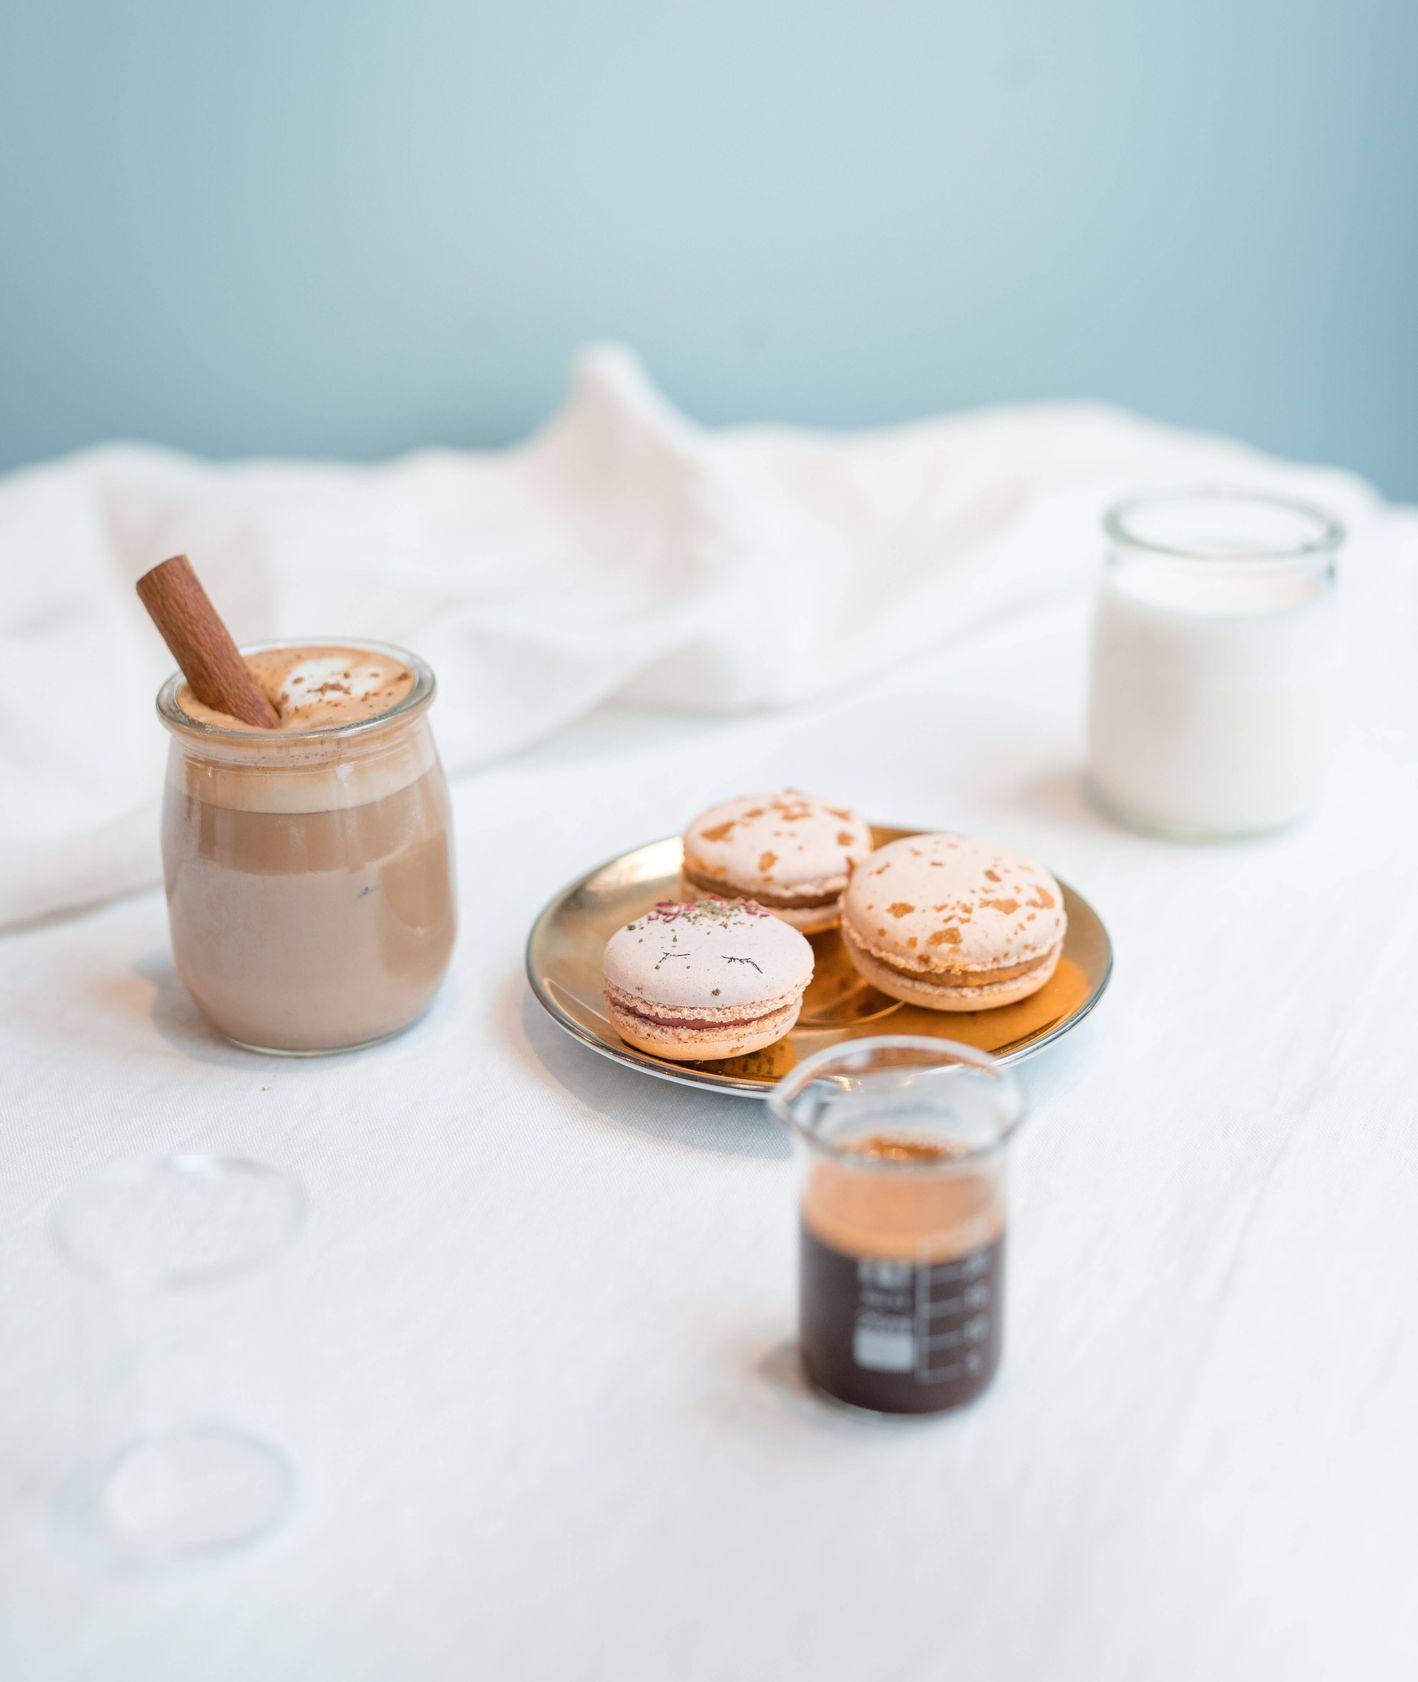 Cappuccino z cynamonem, makaroniki, mleko i espresso na białym obrusie (fot. Martyna Cybuch)